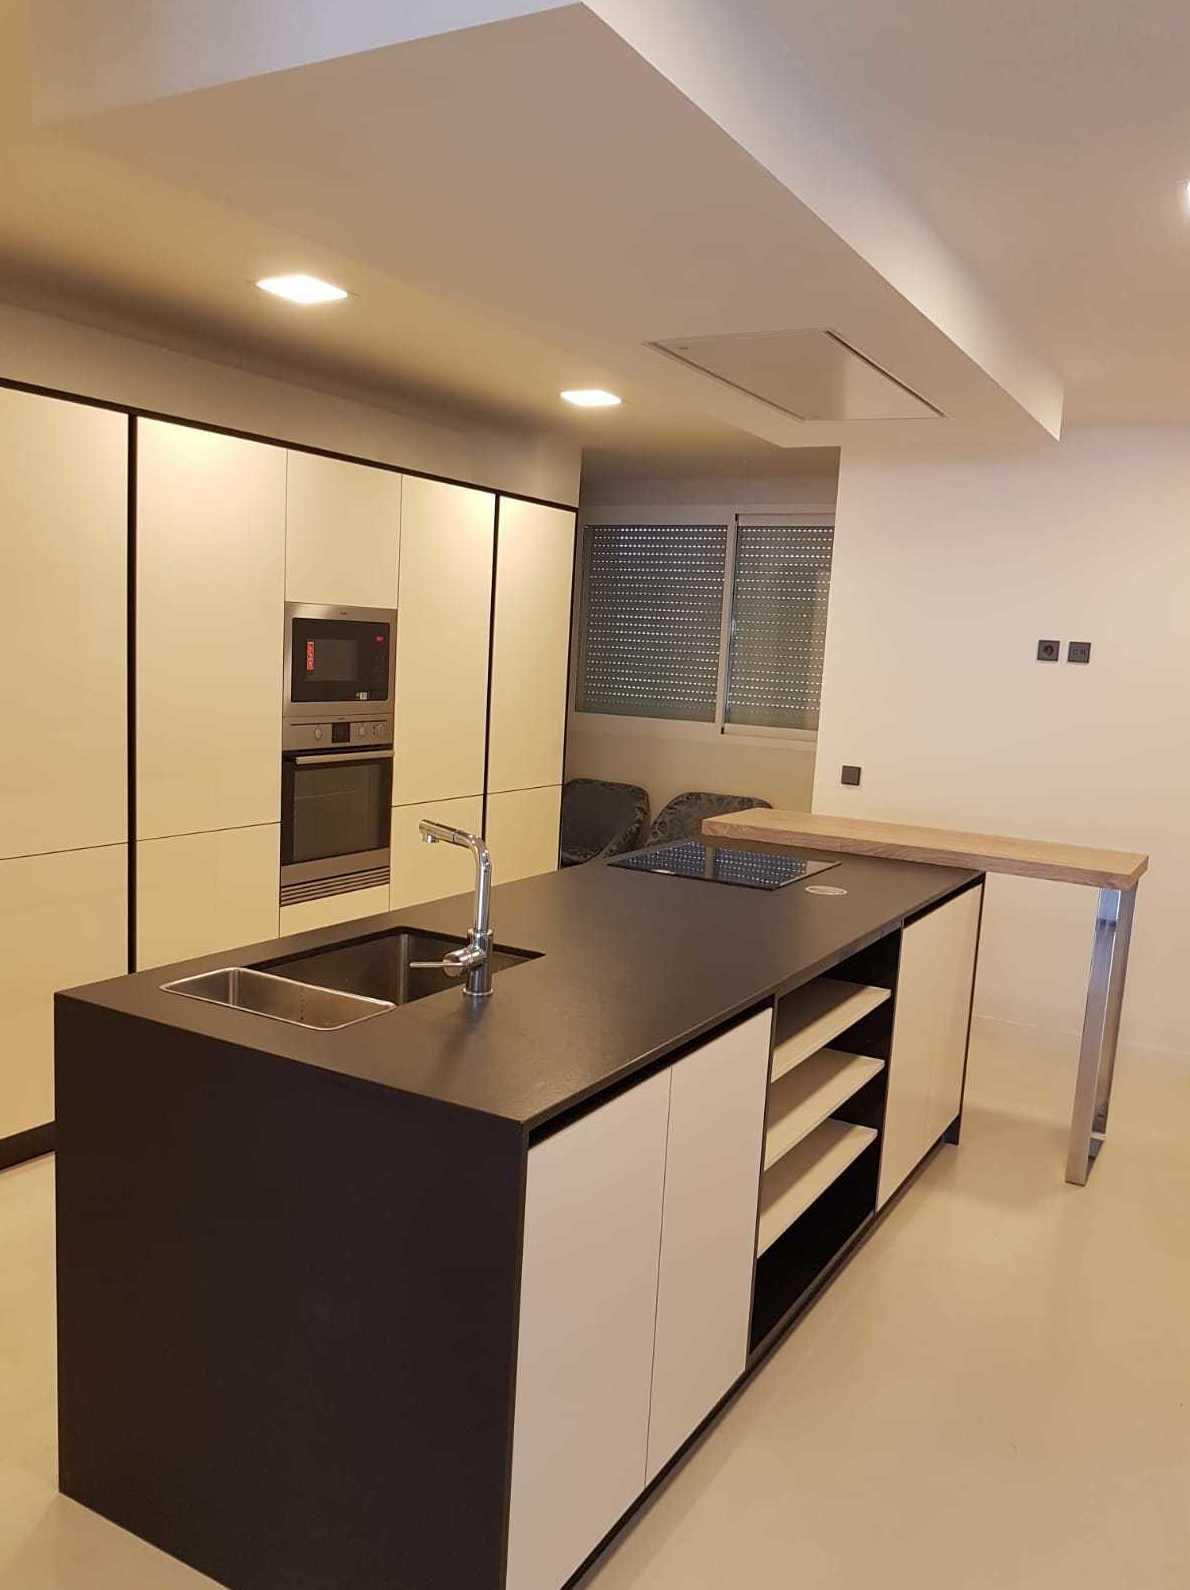 Cocinas Modernas Madrid.Foto 10 De Muebles De Cocina Y Bano En Cocinas Callejo